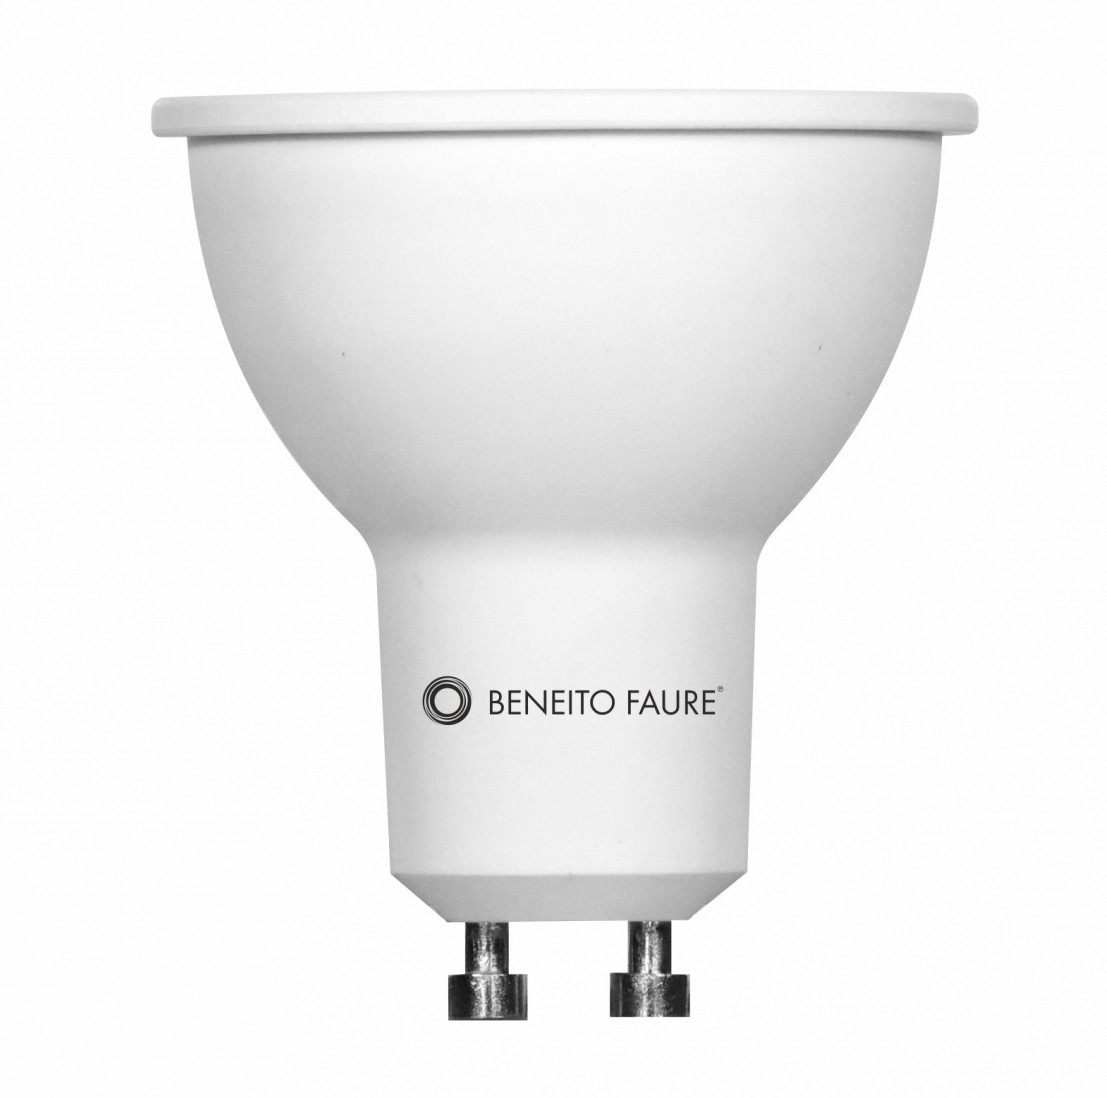 Ampoule Led GU10 Beneito et Faure 3,5W Blanc froid 5000K